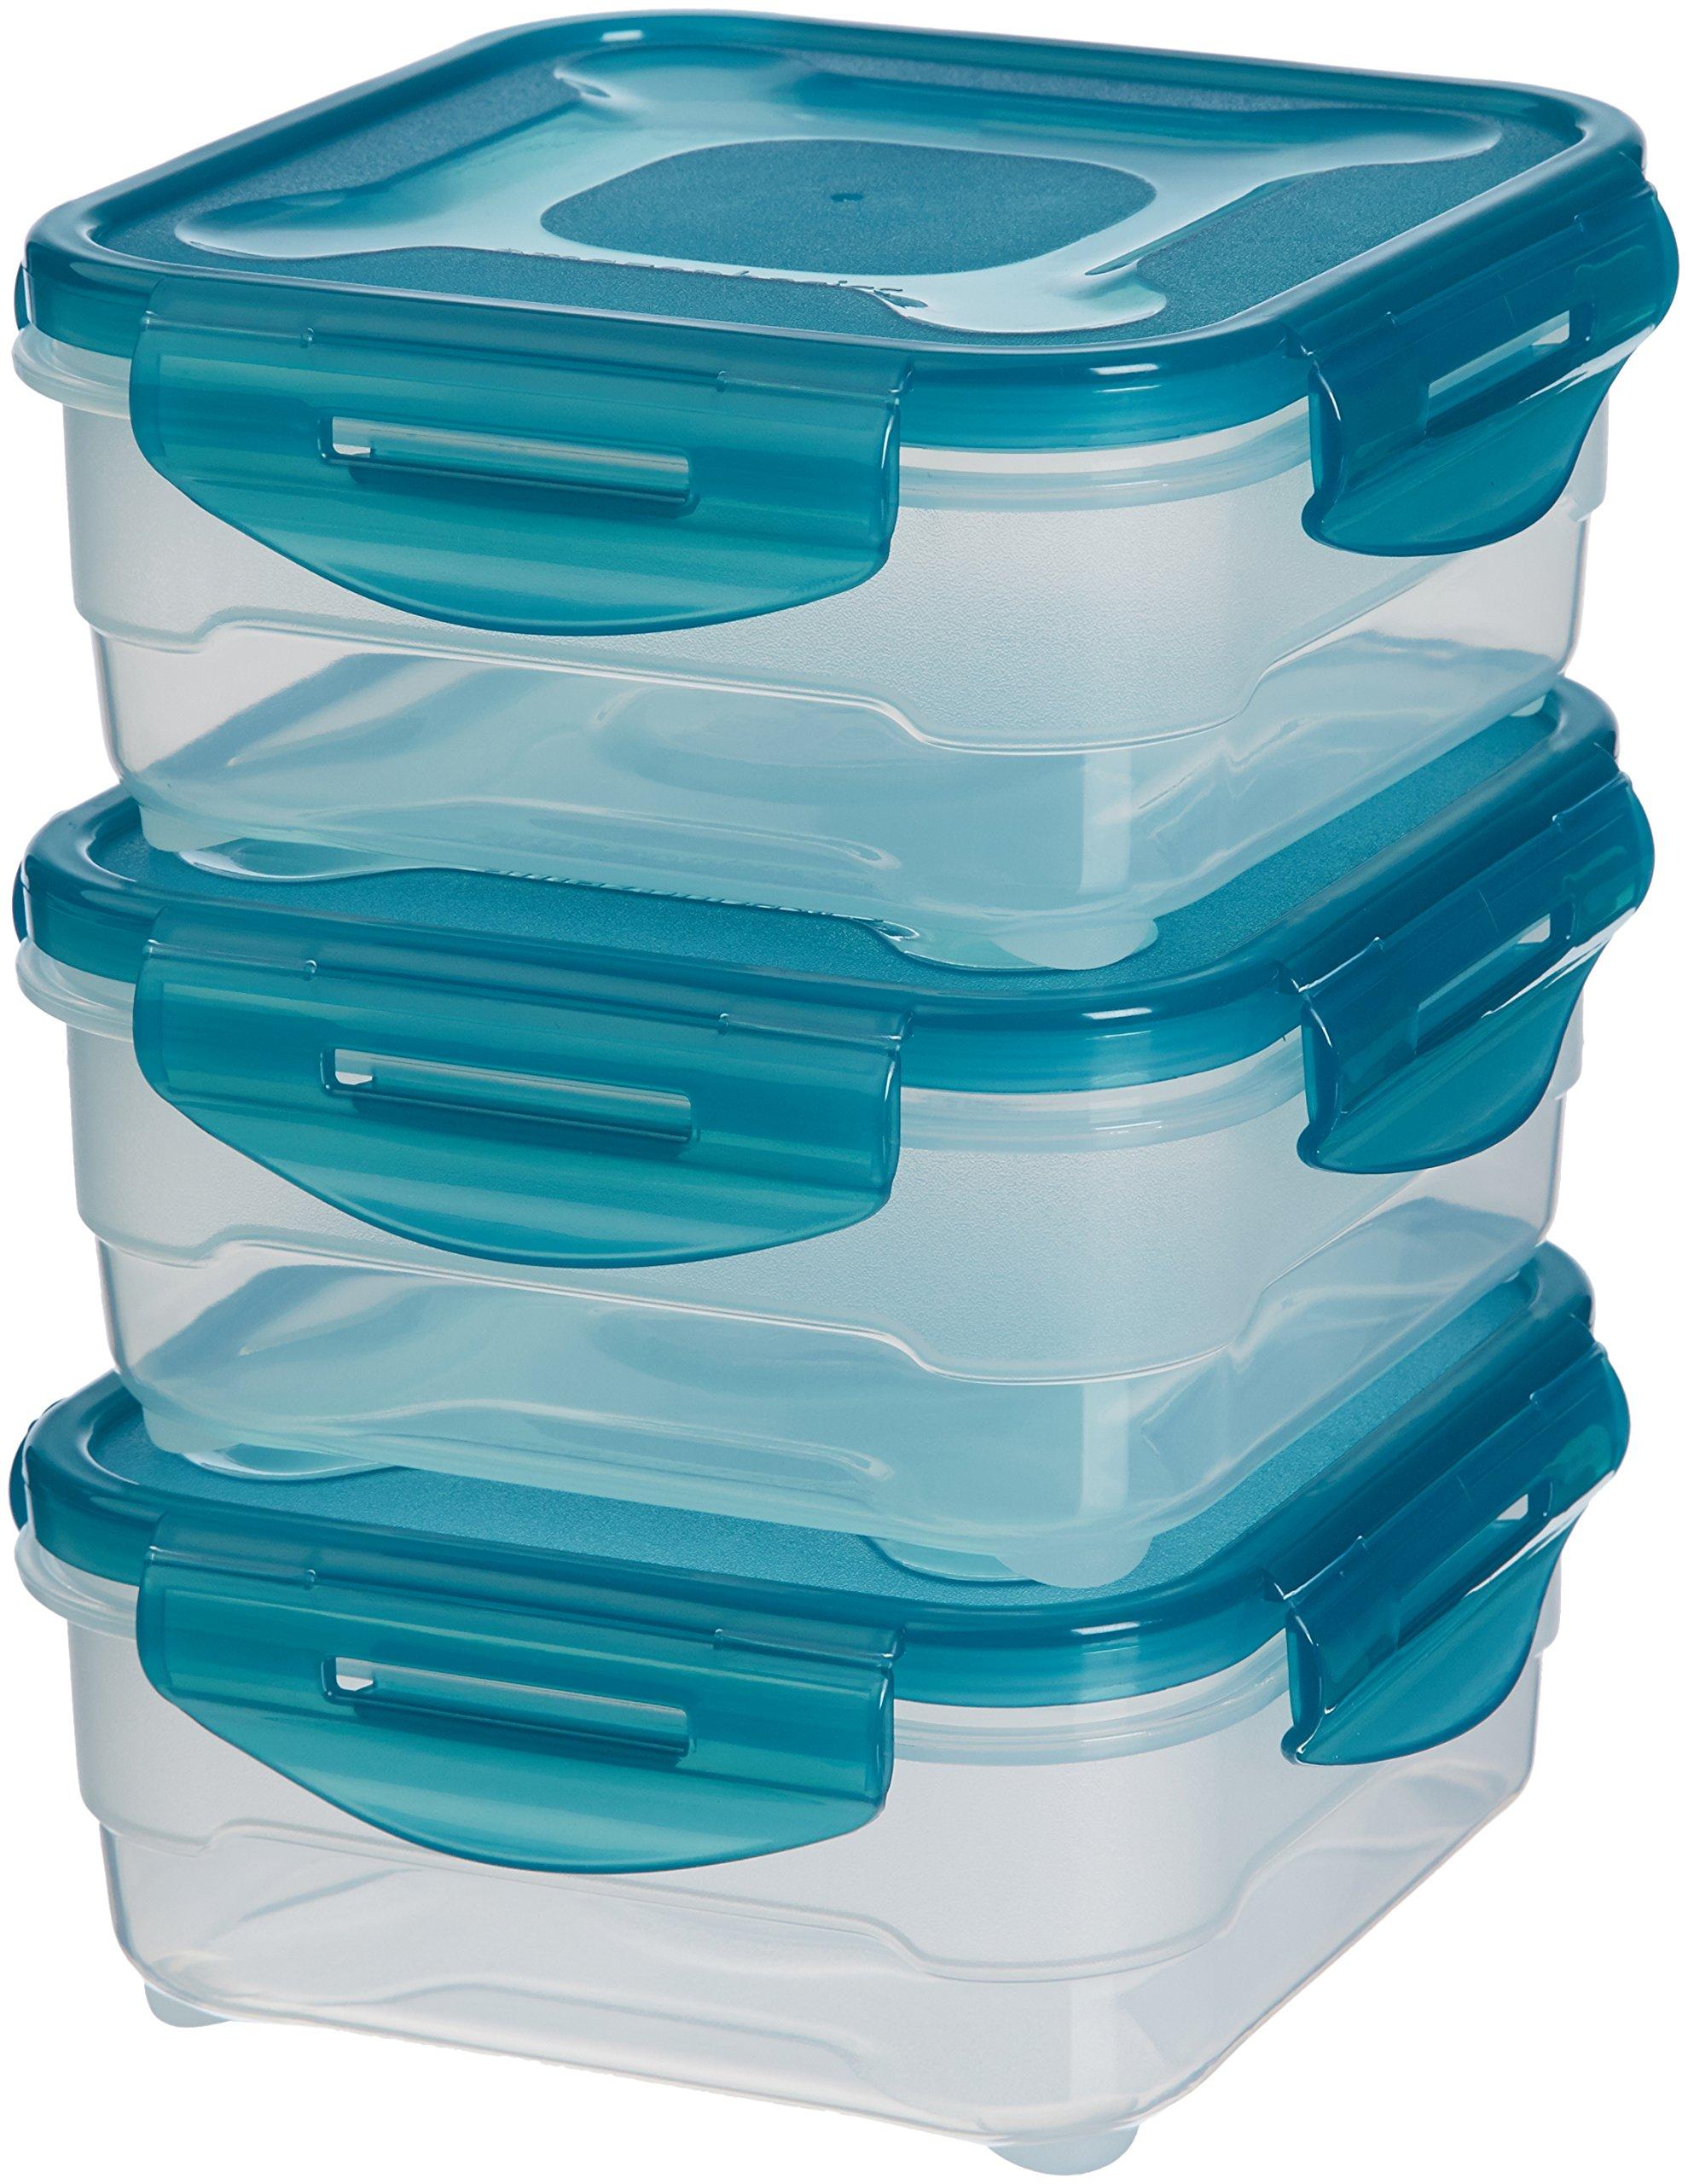 Juego de almacenamiento de comida de 3 unidades, 3 x 0,80 L product